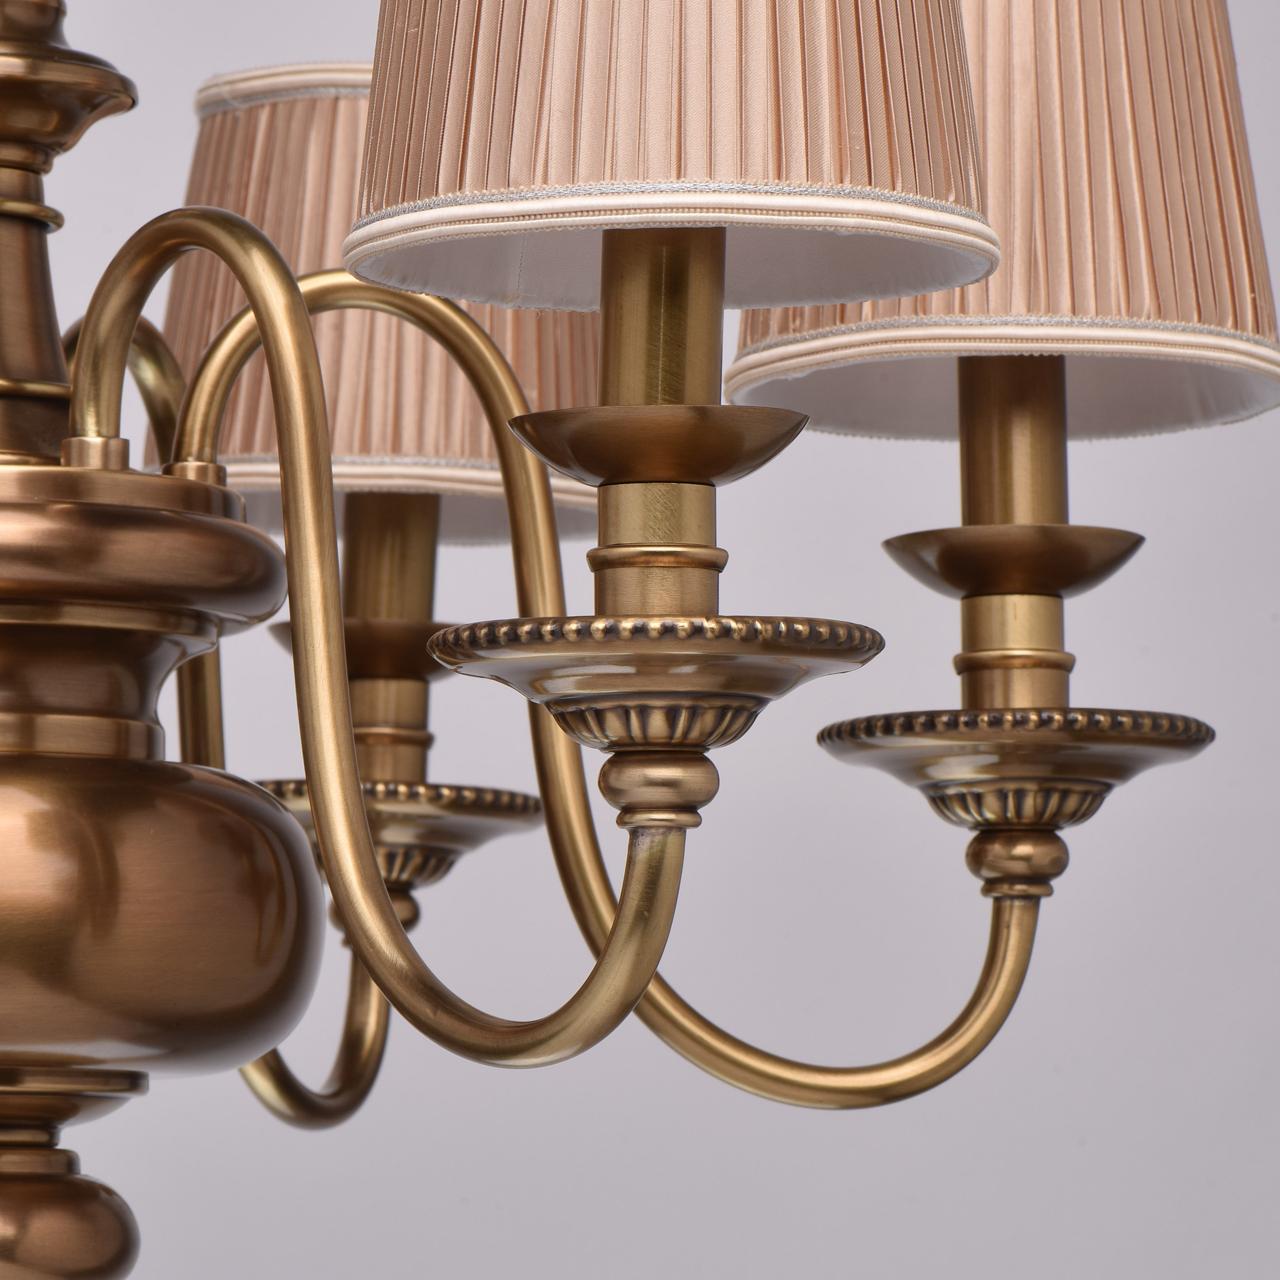 Подвесная люстра Chiaro Паула 411010806, 6xE14x60W, латунь, бежевый, металл, текстиль - фото 11